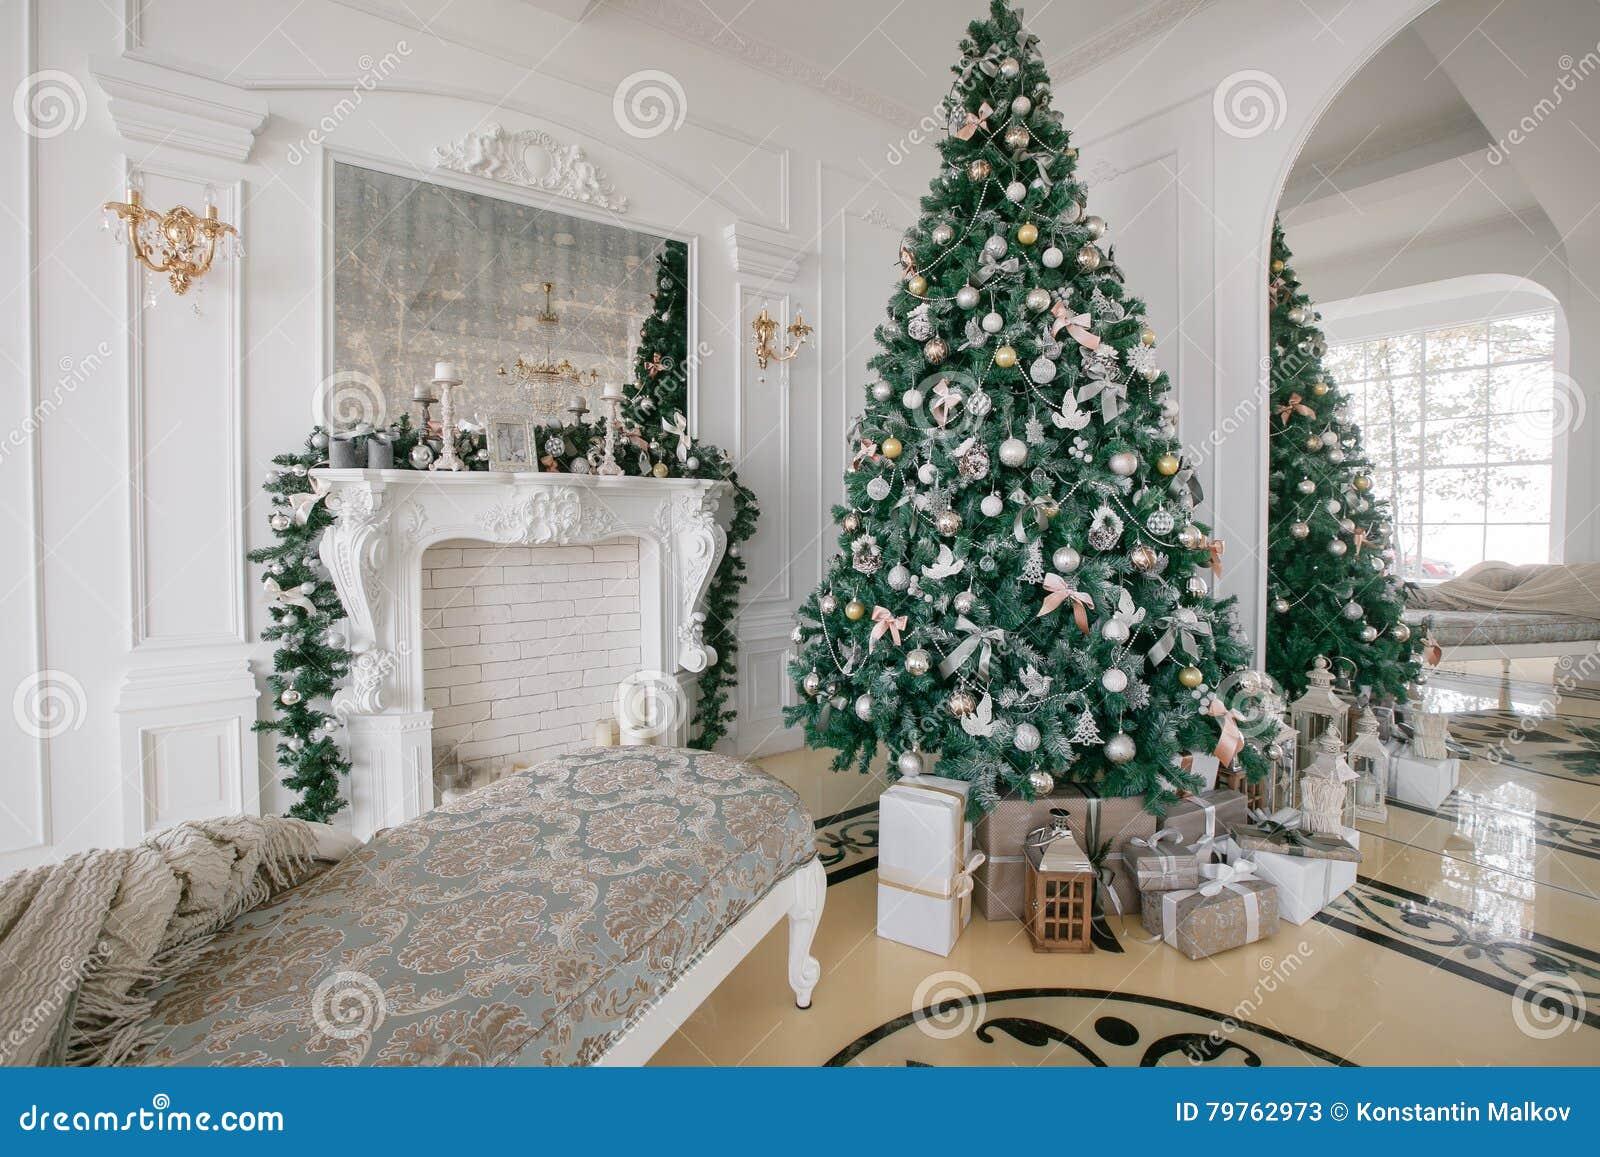 Decorazione finestre natalizie: decorazioni natale fai da te ...